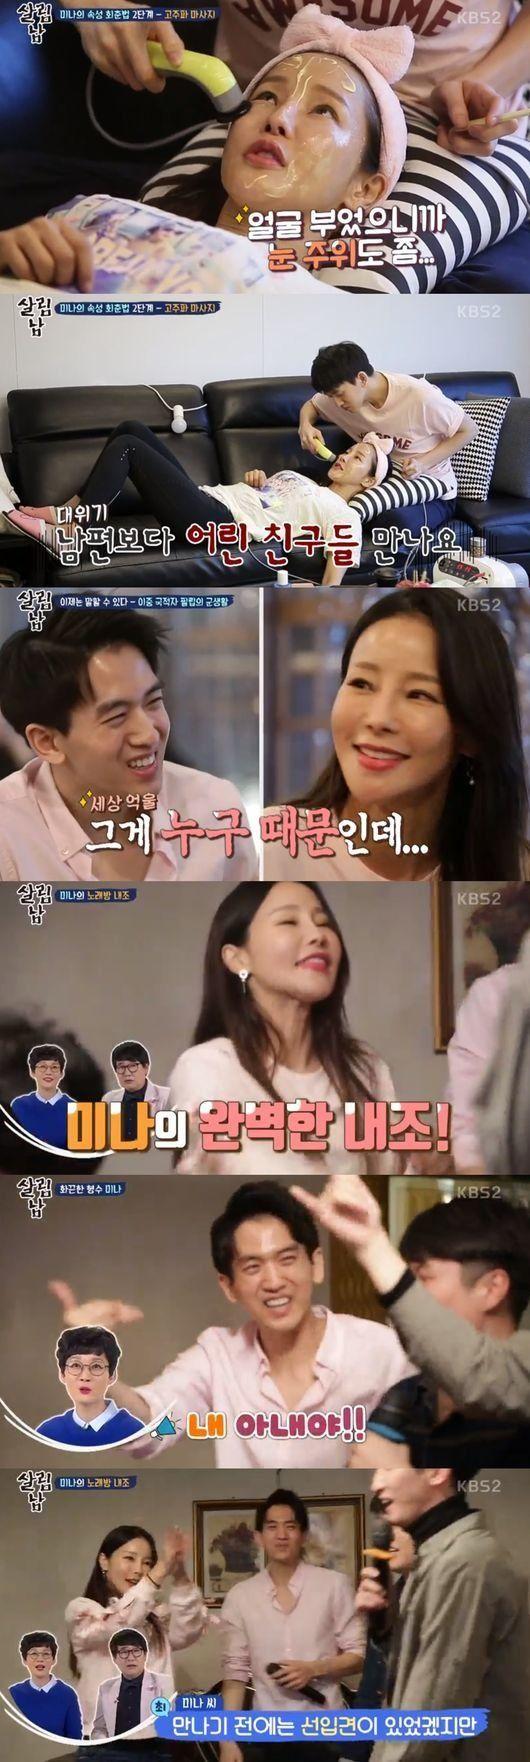 [어저께TV]'살림남2' 미나, 엄청난 노력 '내조의 여왕'